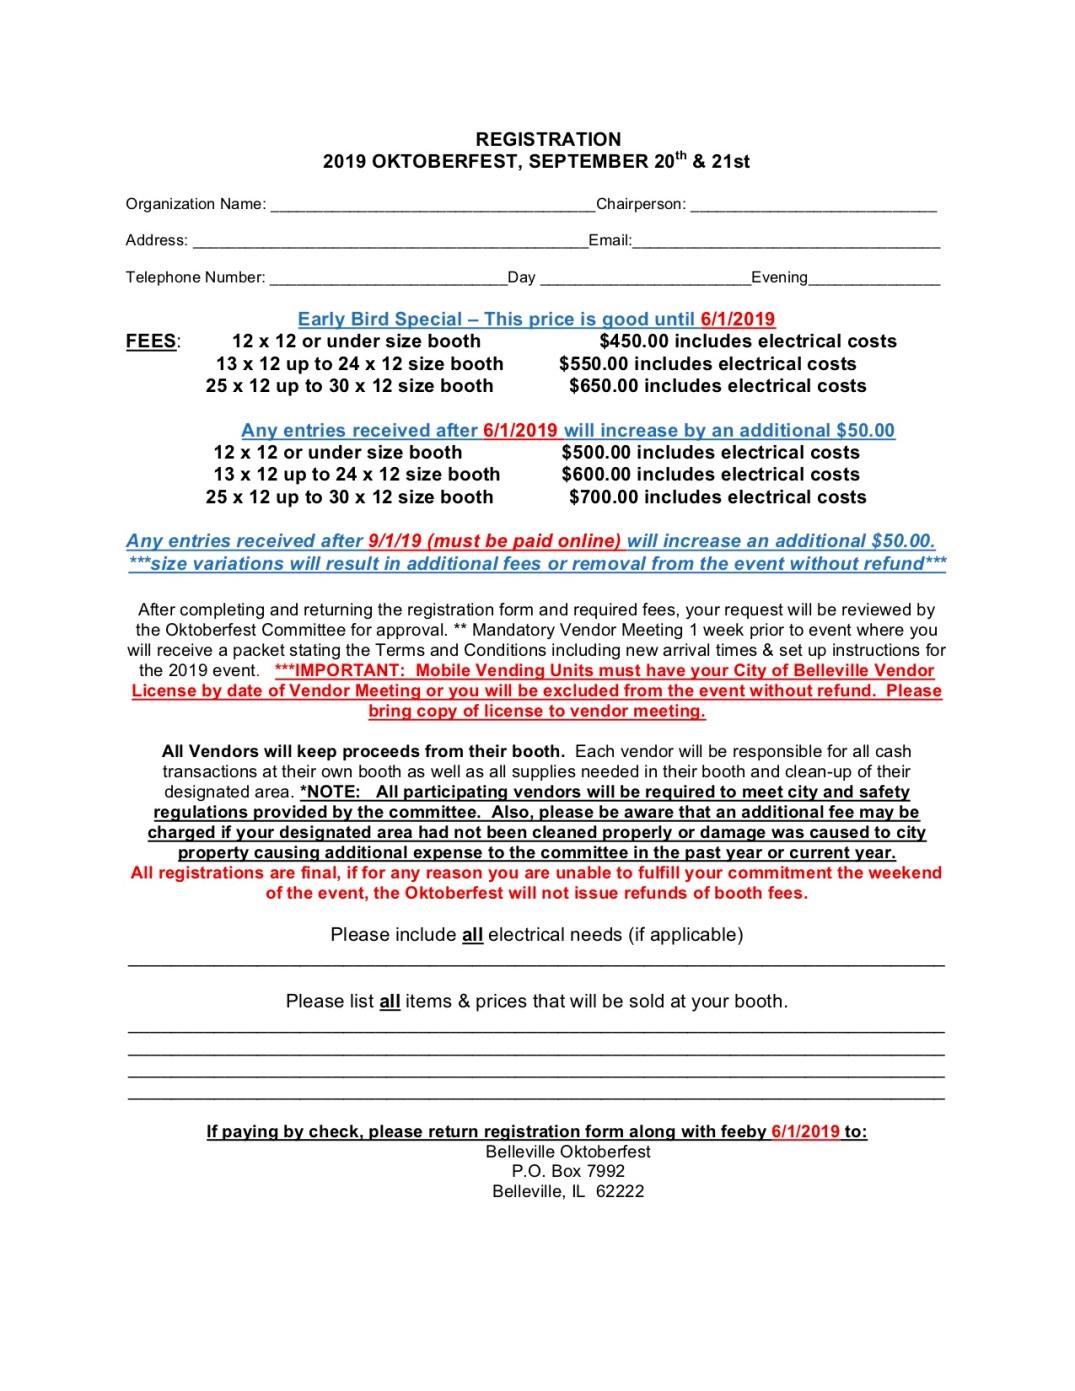 2019 Vendor Letter & Registration jpeg - page 2